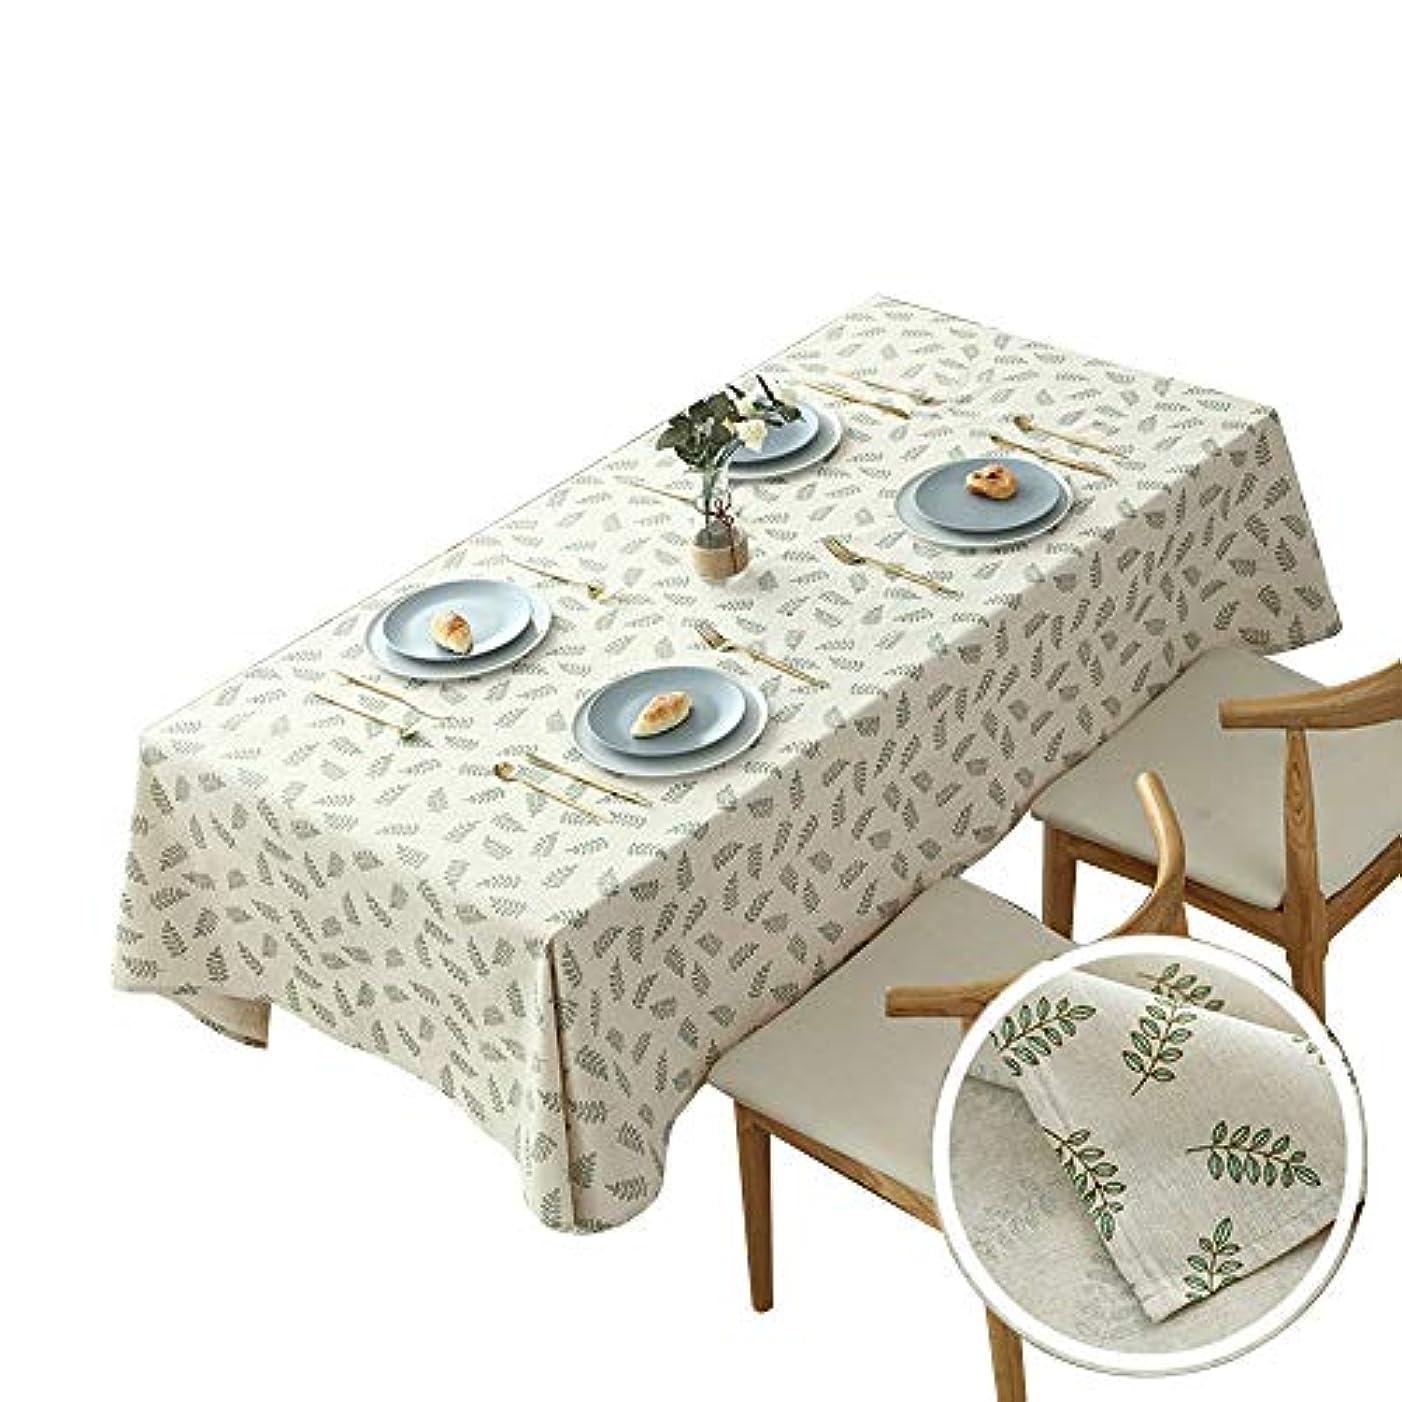 受け取る報いる品揃えHANSHAN テーブルクロス テーブルクロス、防塵テーブルカバー長方形テーブルクロスコットンとリネン装飾ファブリックテーブルカバー57×118インチ (Color : B, Size : 31 × 47inch)